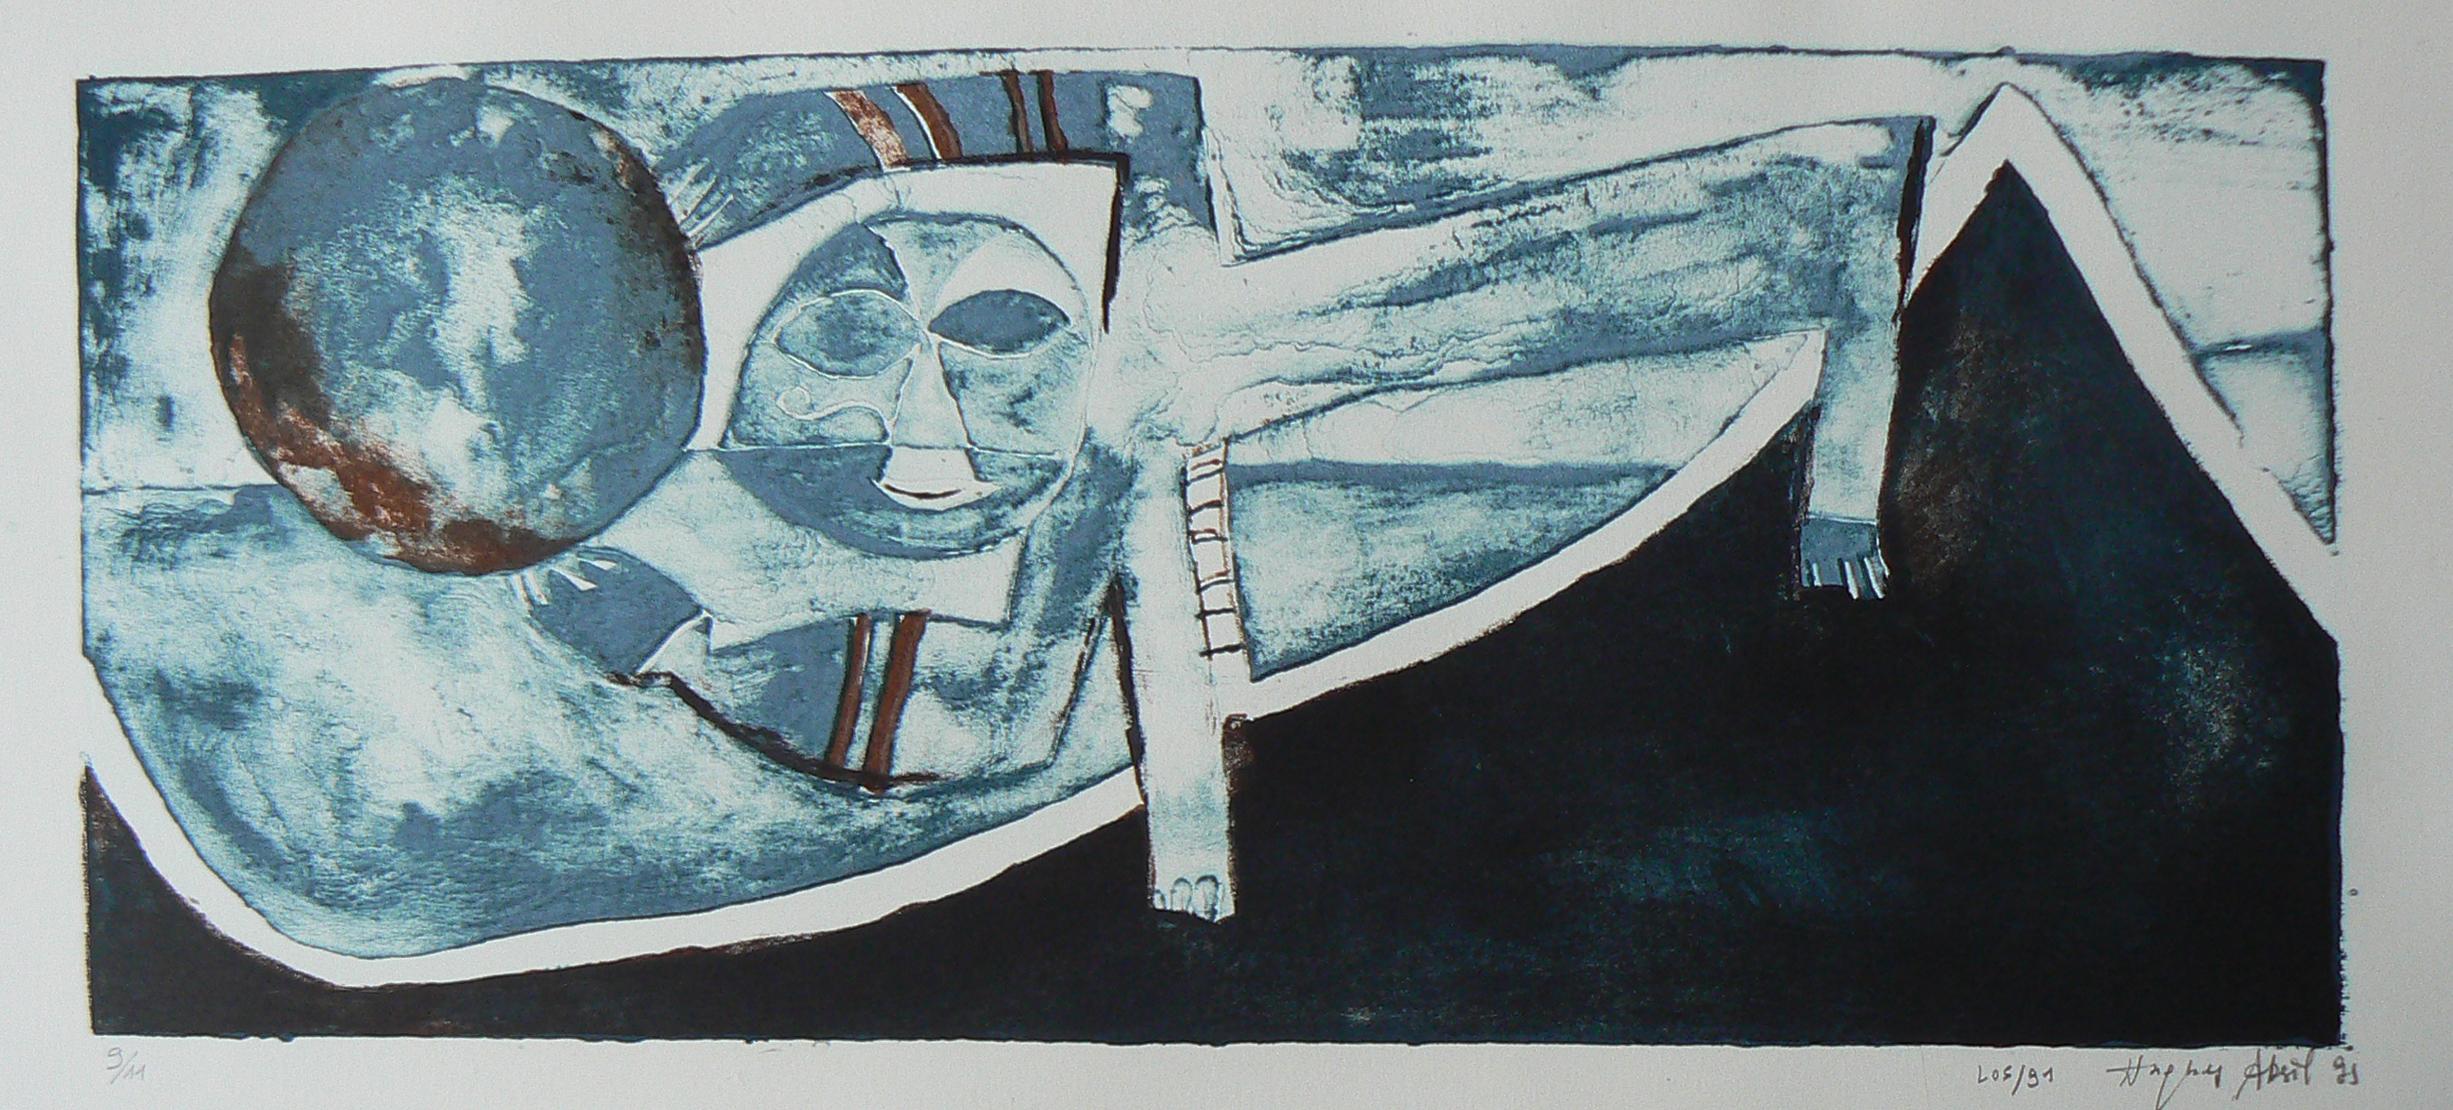 17M18. monotype sur gravure